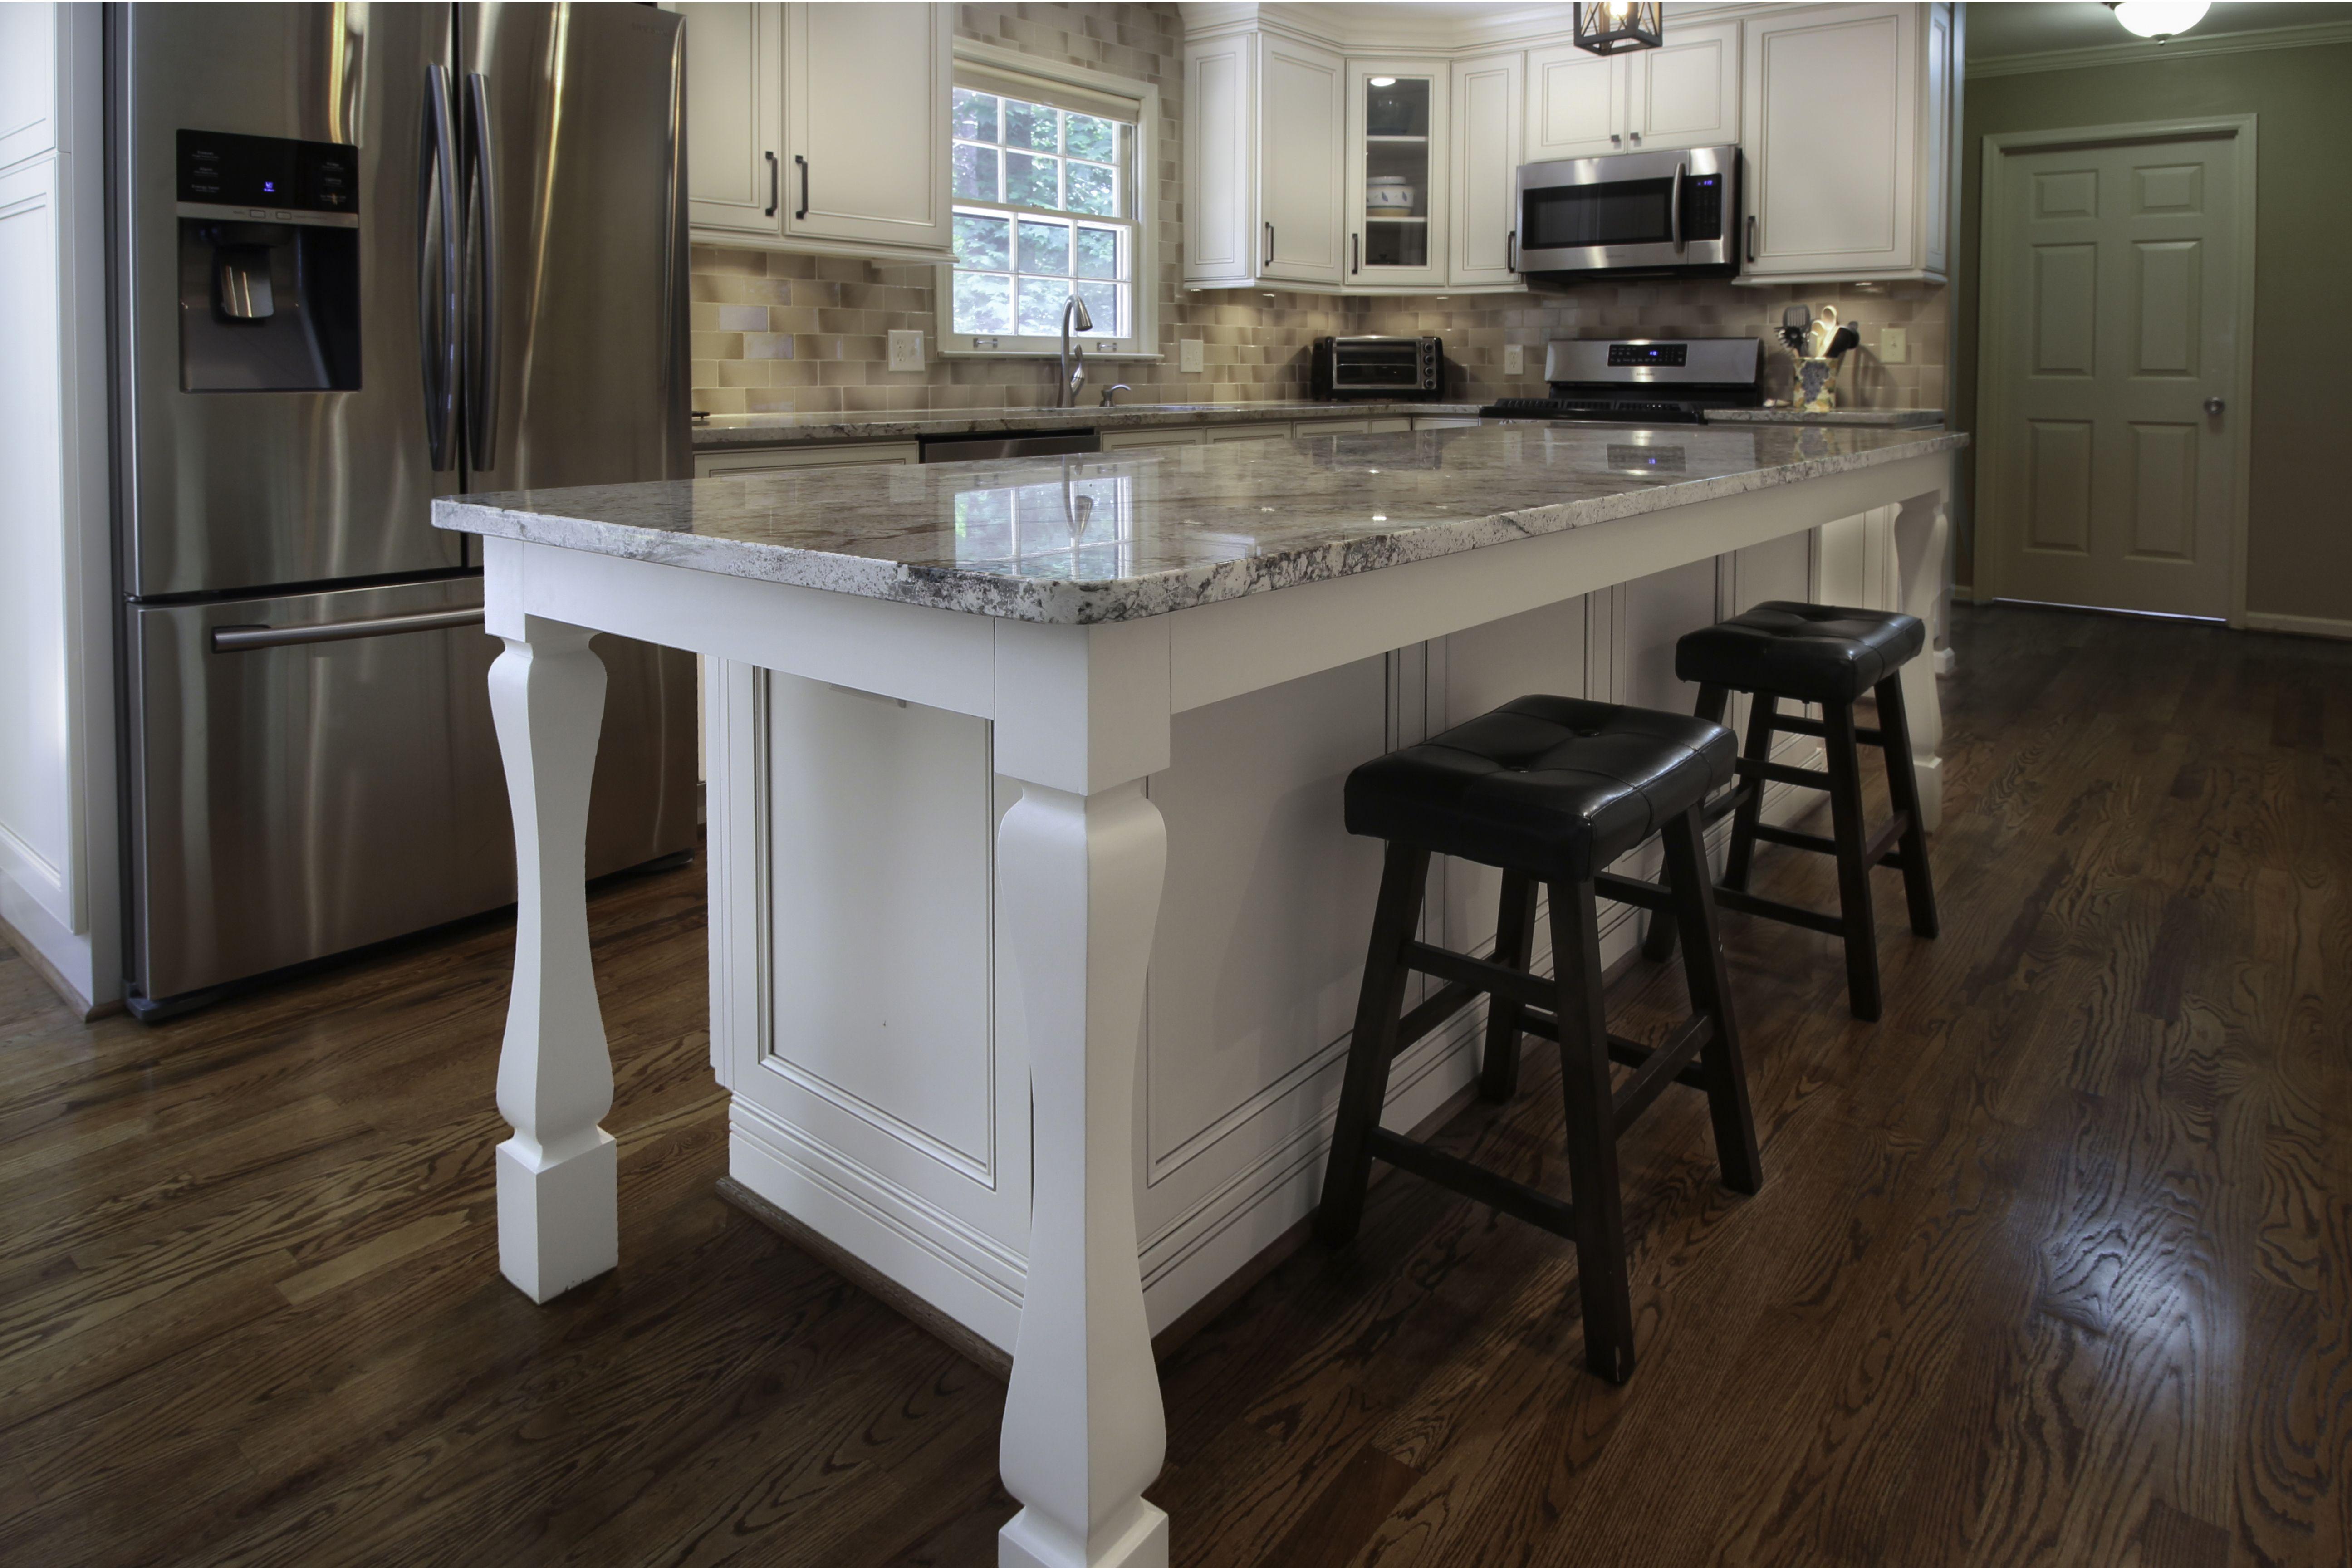 Custom Built Island With Legs Granite Countertop Beautiful